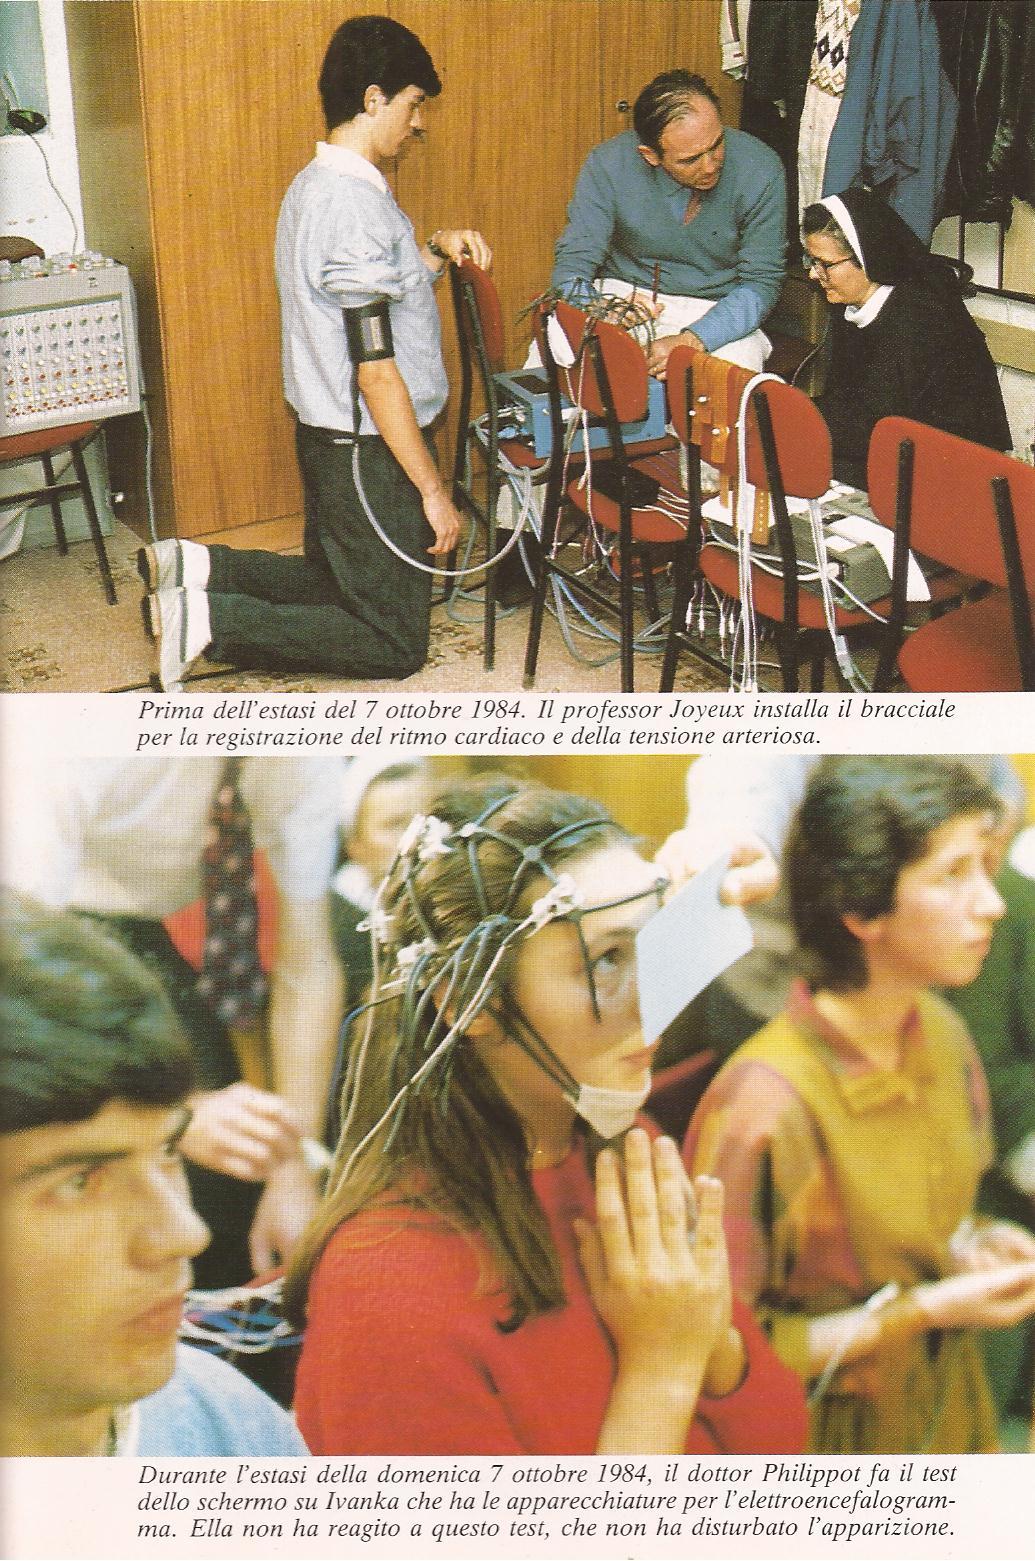 medjugorje_studi_elettroencefalogramma_07_10_1984_04